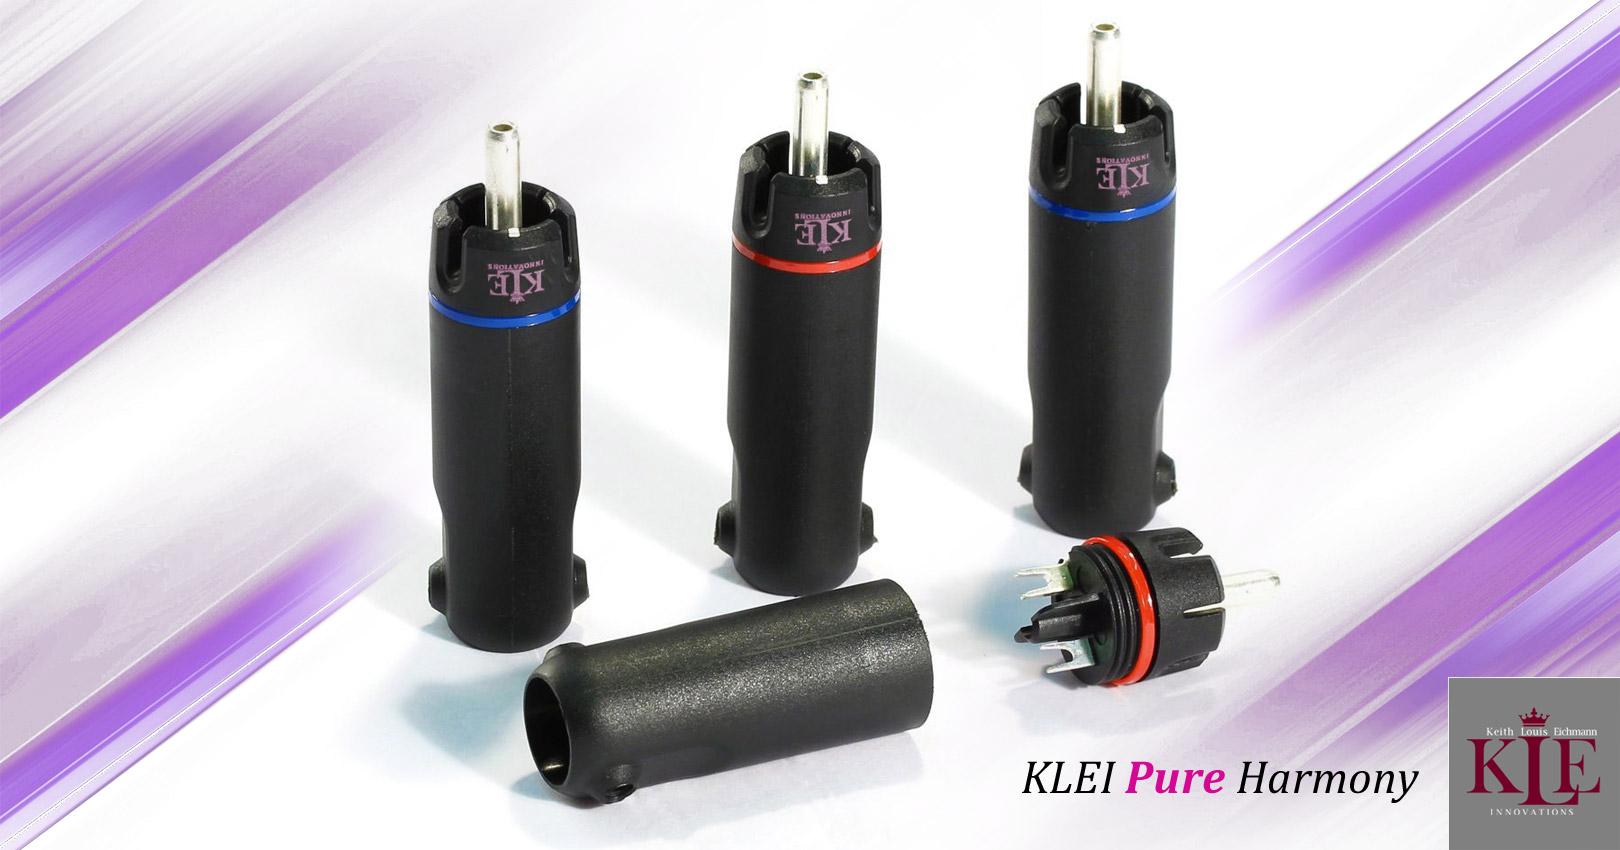 KLEI Pure Harmony RCA plugs